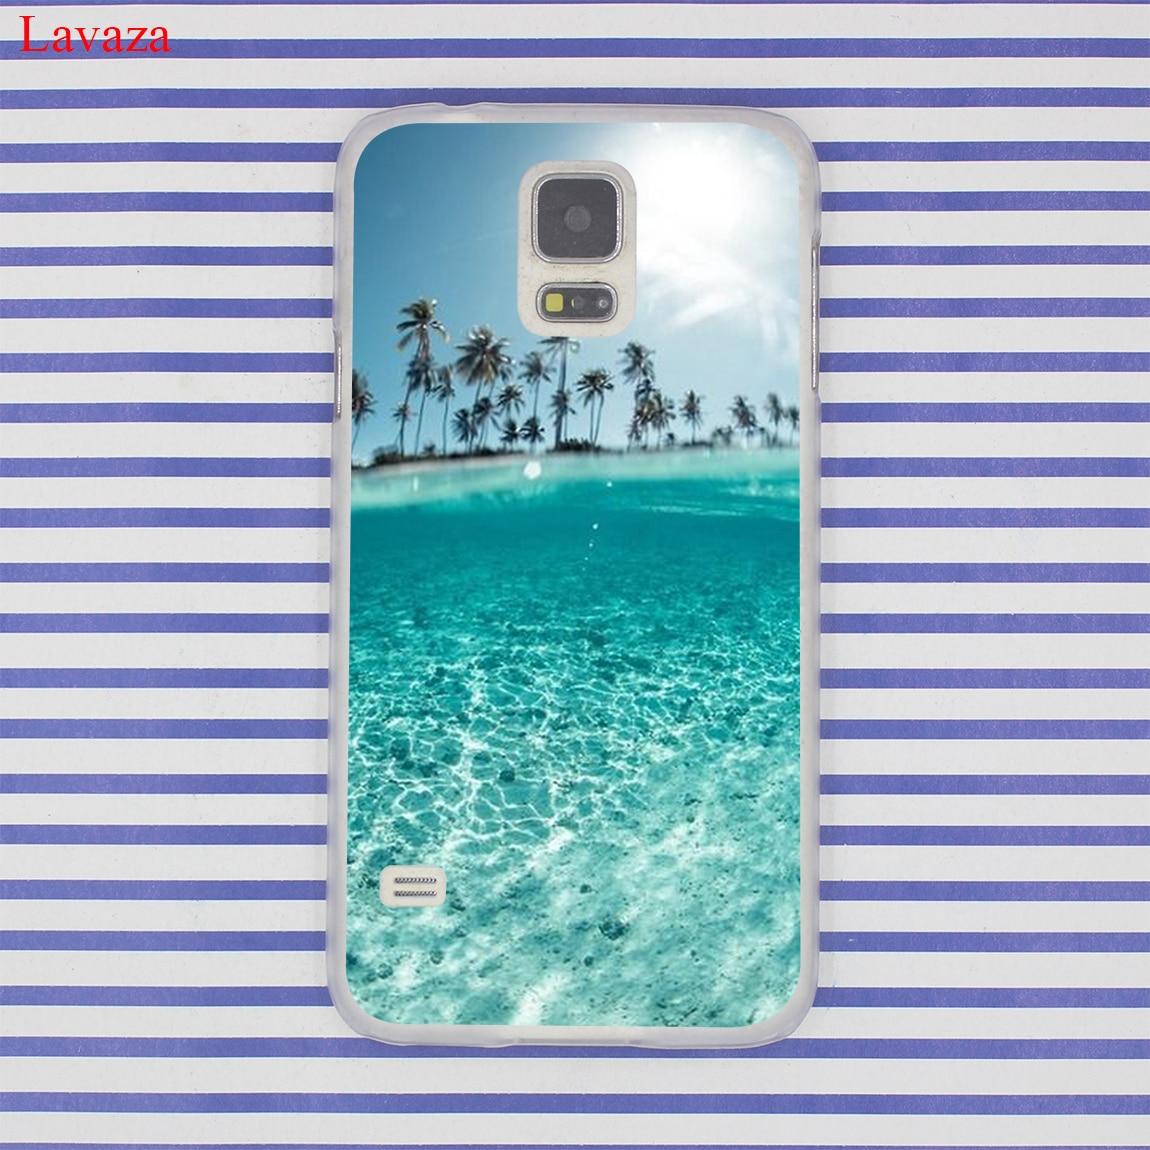 Funda de teléfono Lavaza Clear Sea Sky Sandy beach para Samsung - Accesorios y repuestos para celulares - foto 4